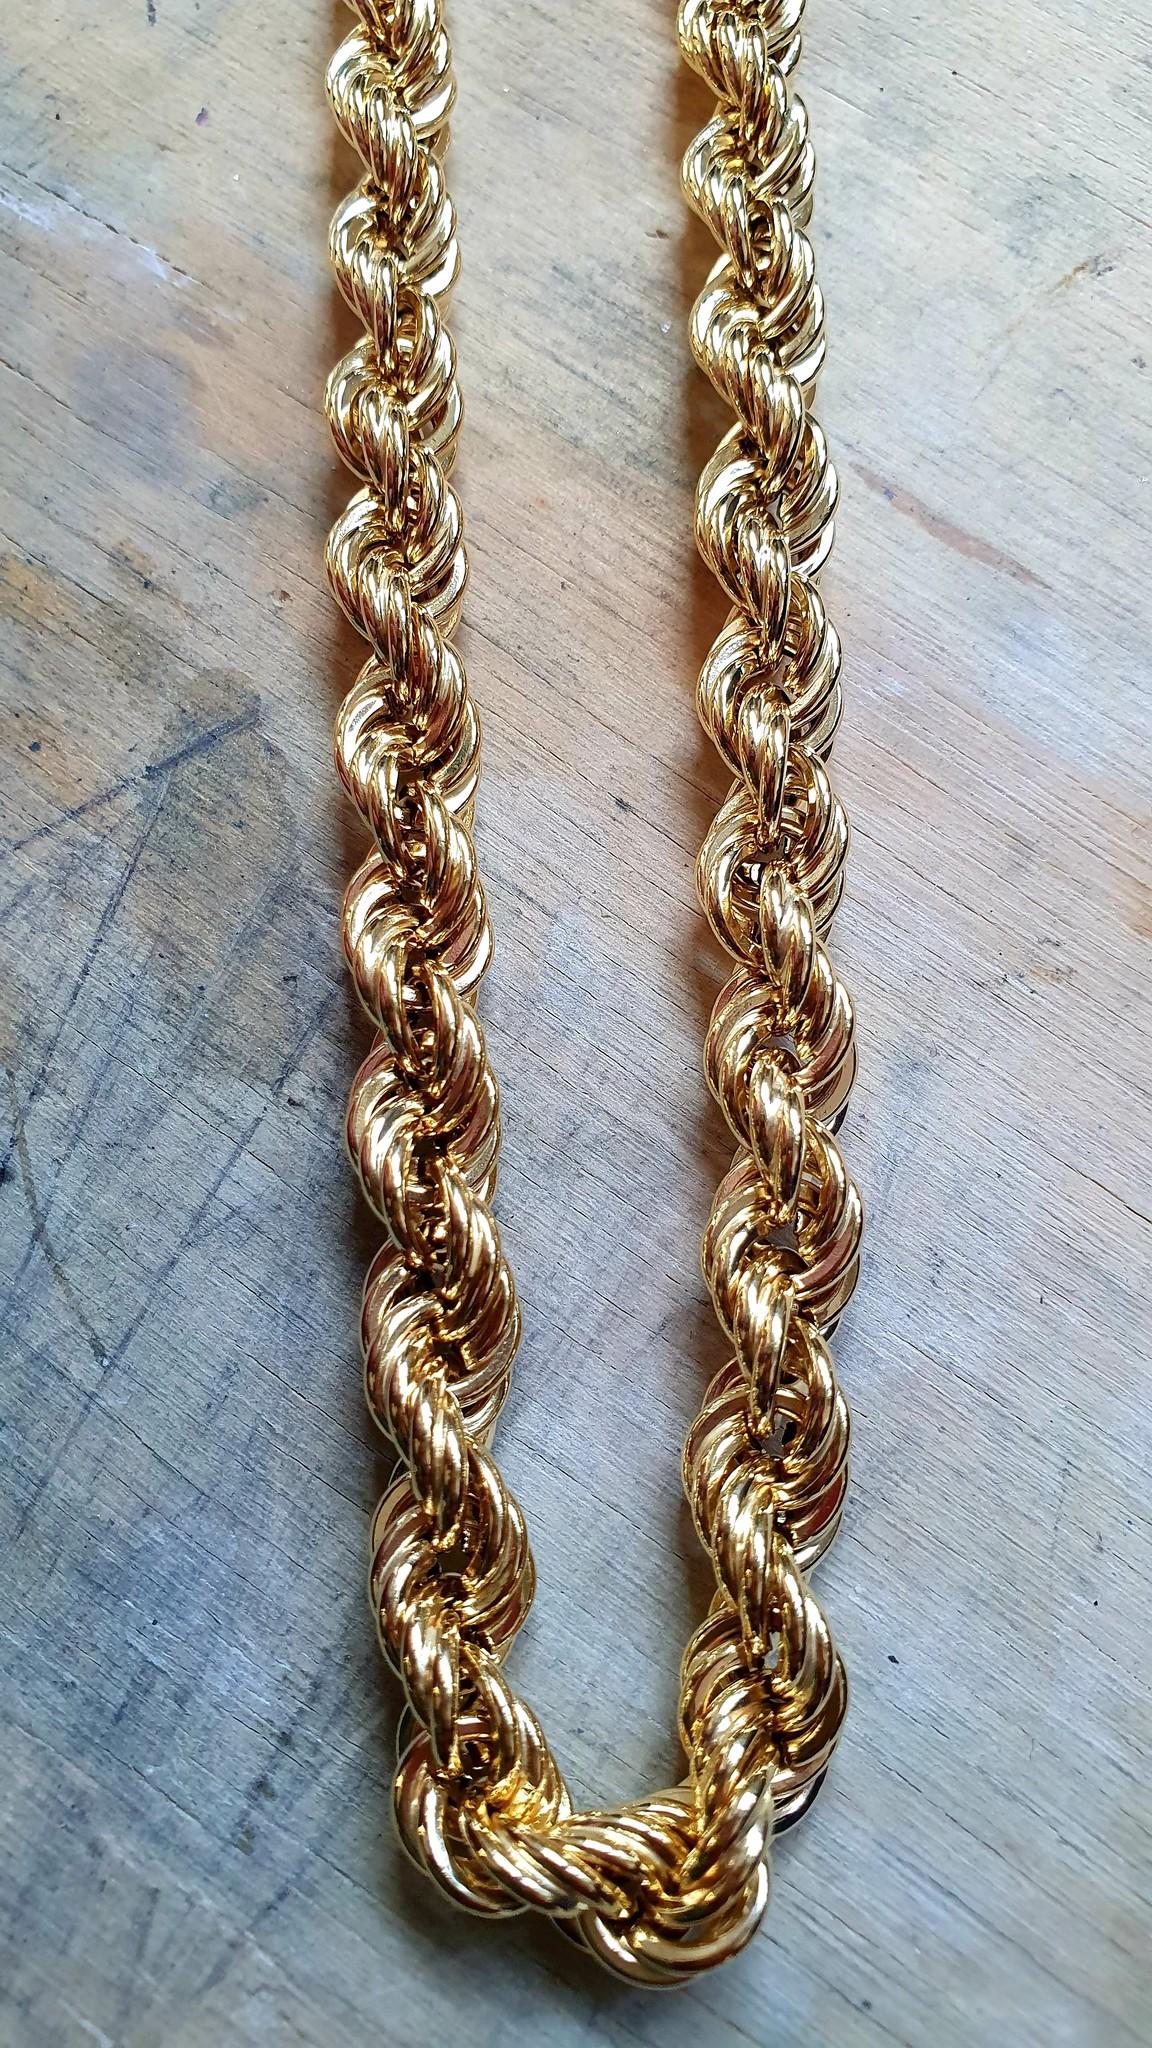 Rope chain Nederlands goud 14kt 8 mm-1